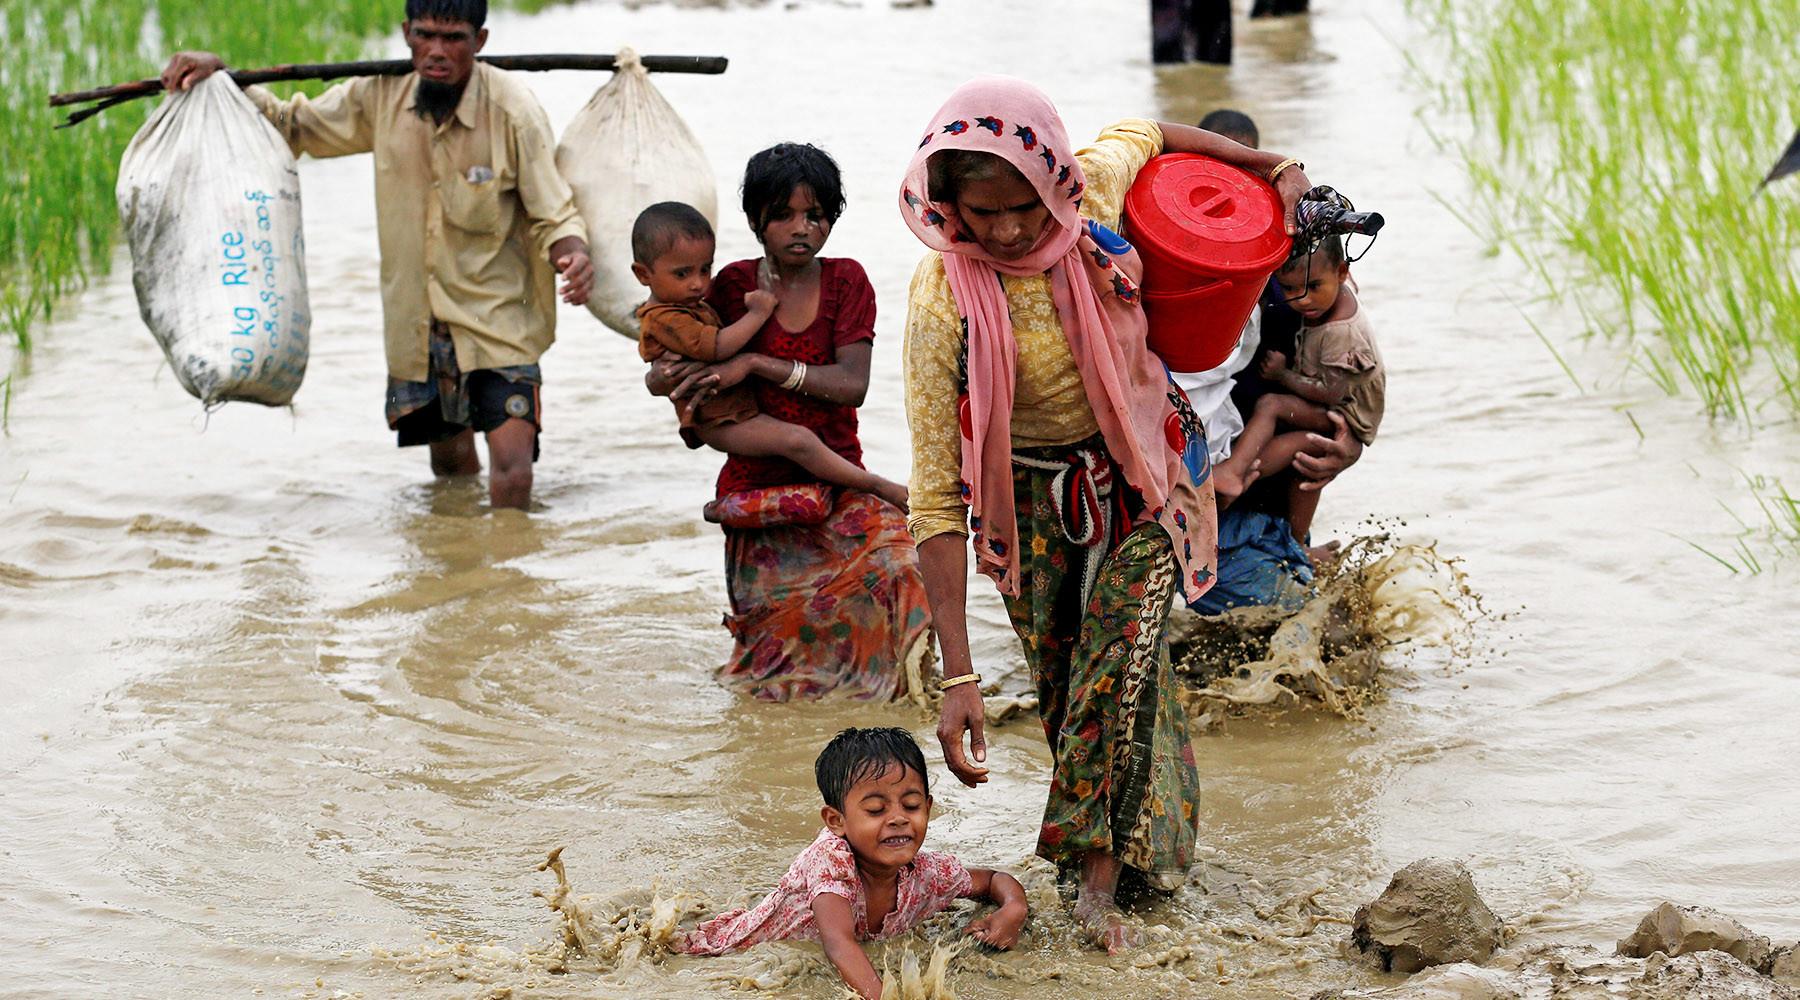 Нефтегазовый интерес: почему Индия и Китай не вмешиваются в конфликт вокруг мусульман-рохинджа